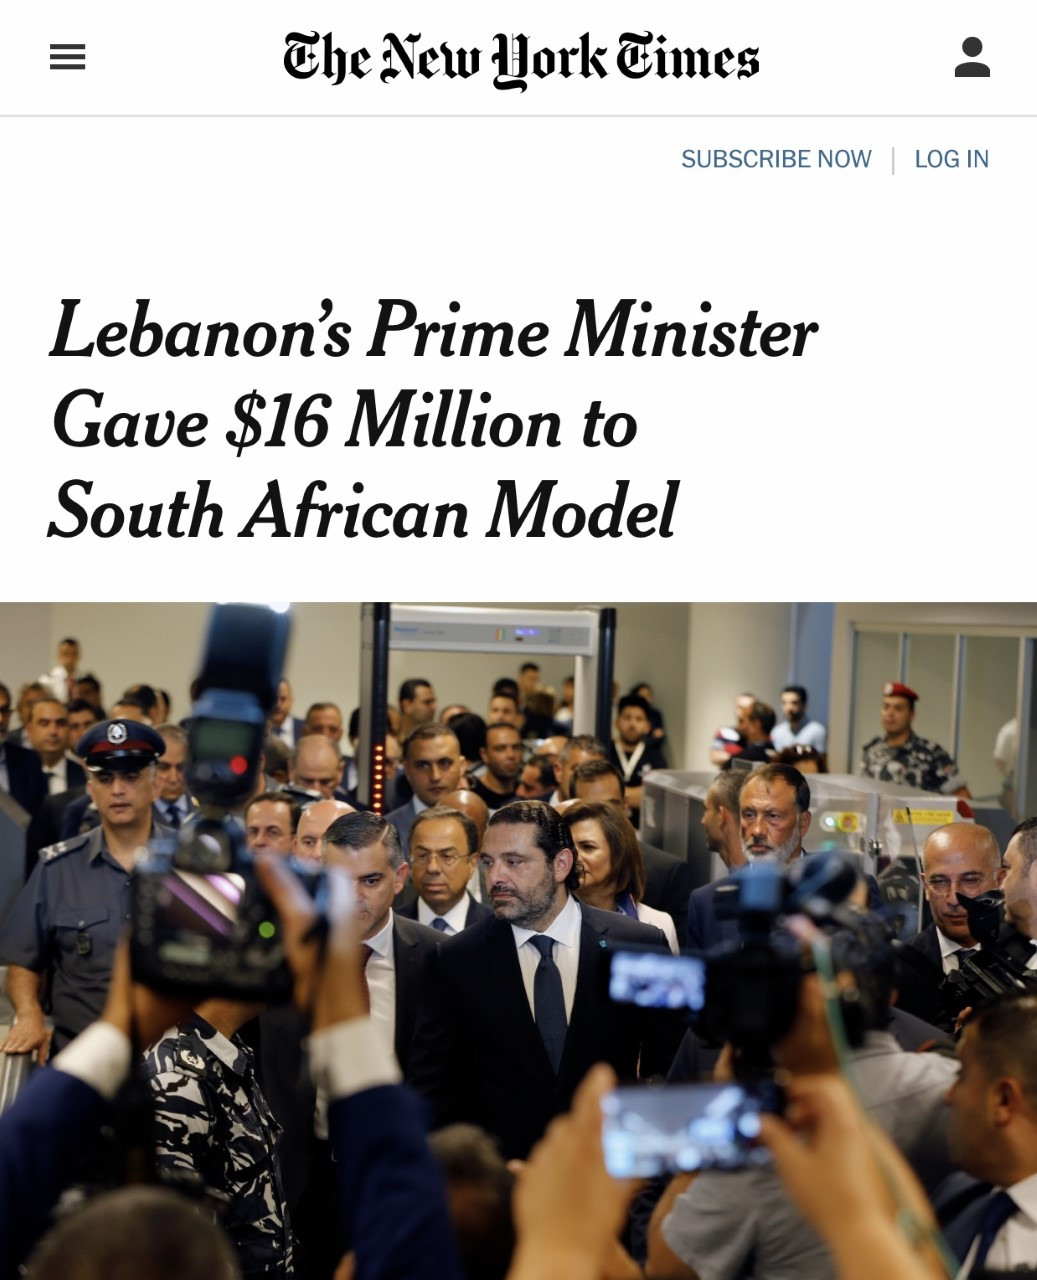 ما هي الأبعاد الدولية لقضية الحريري-موروي؟